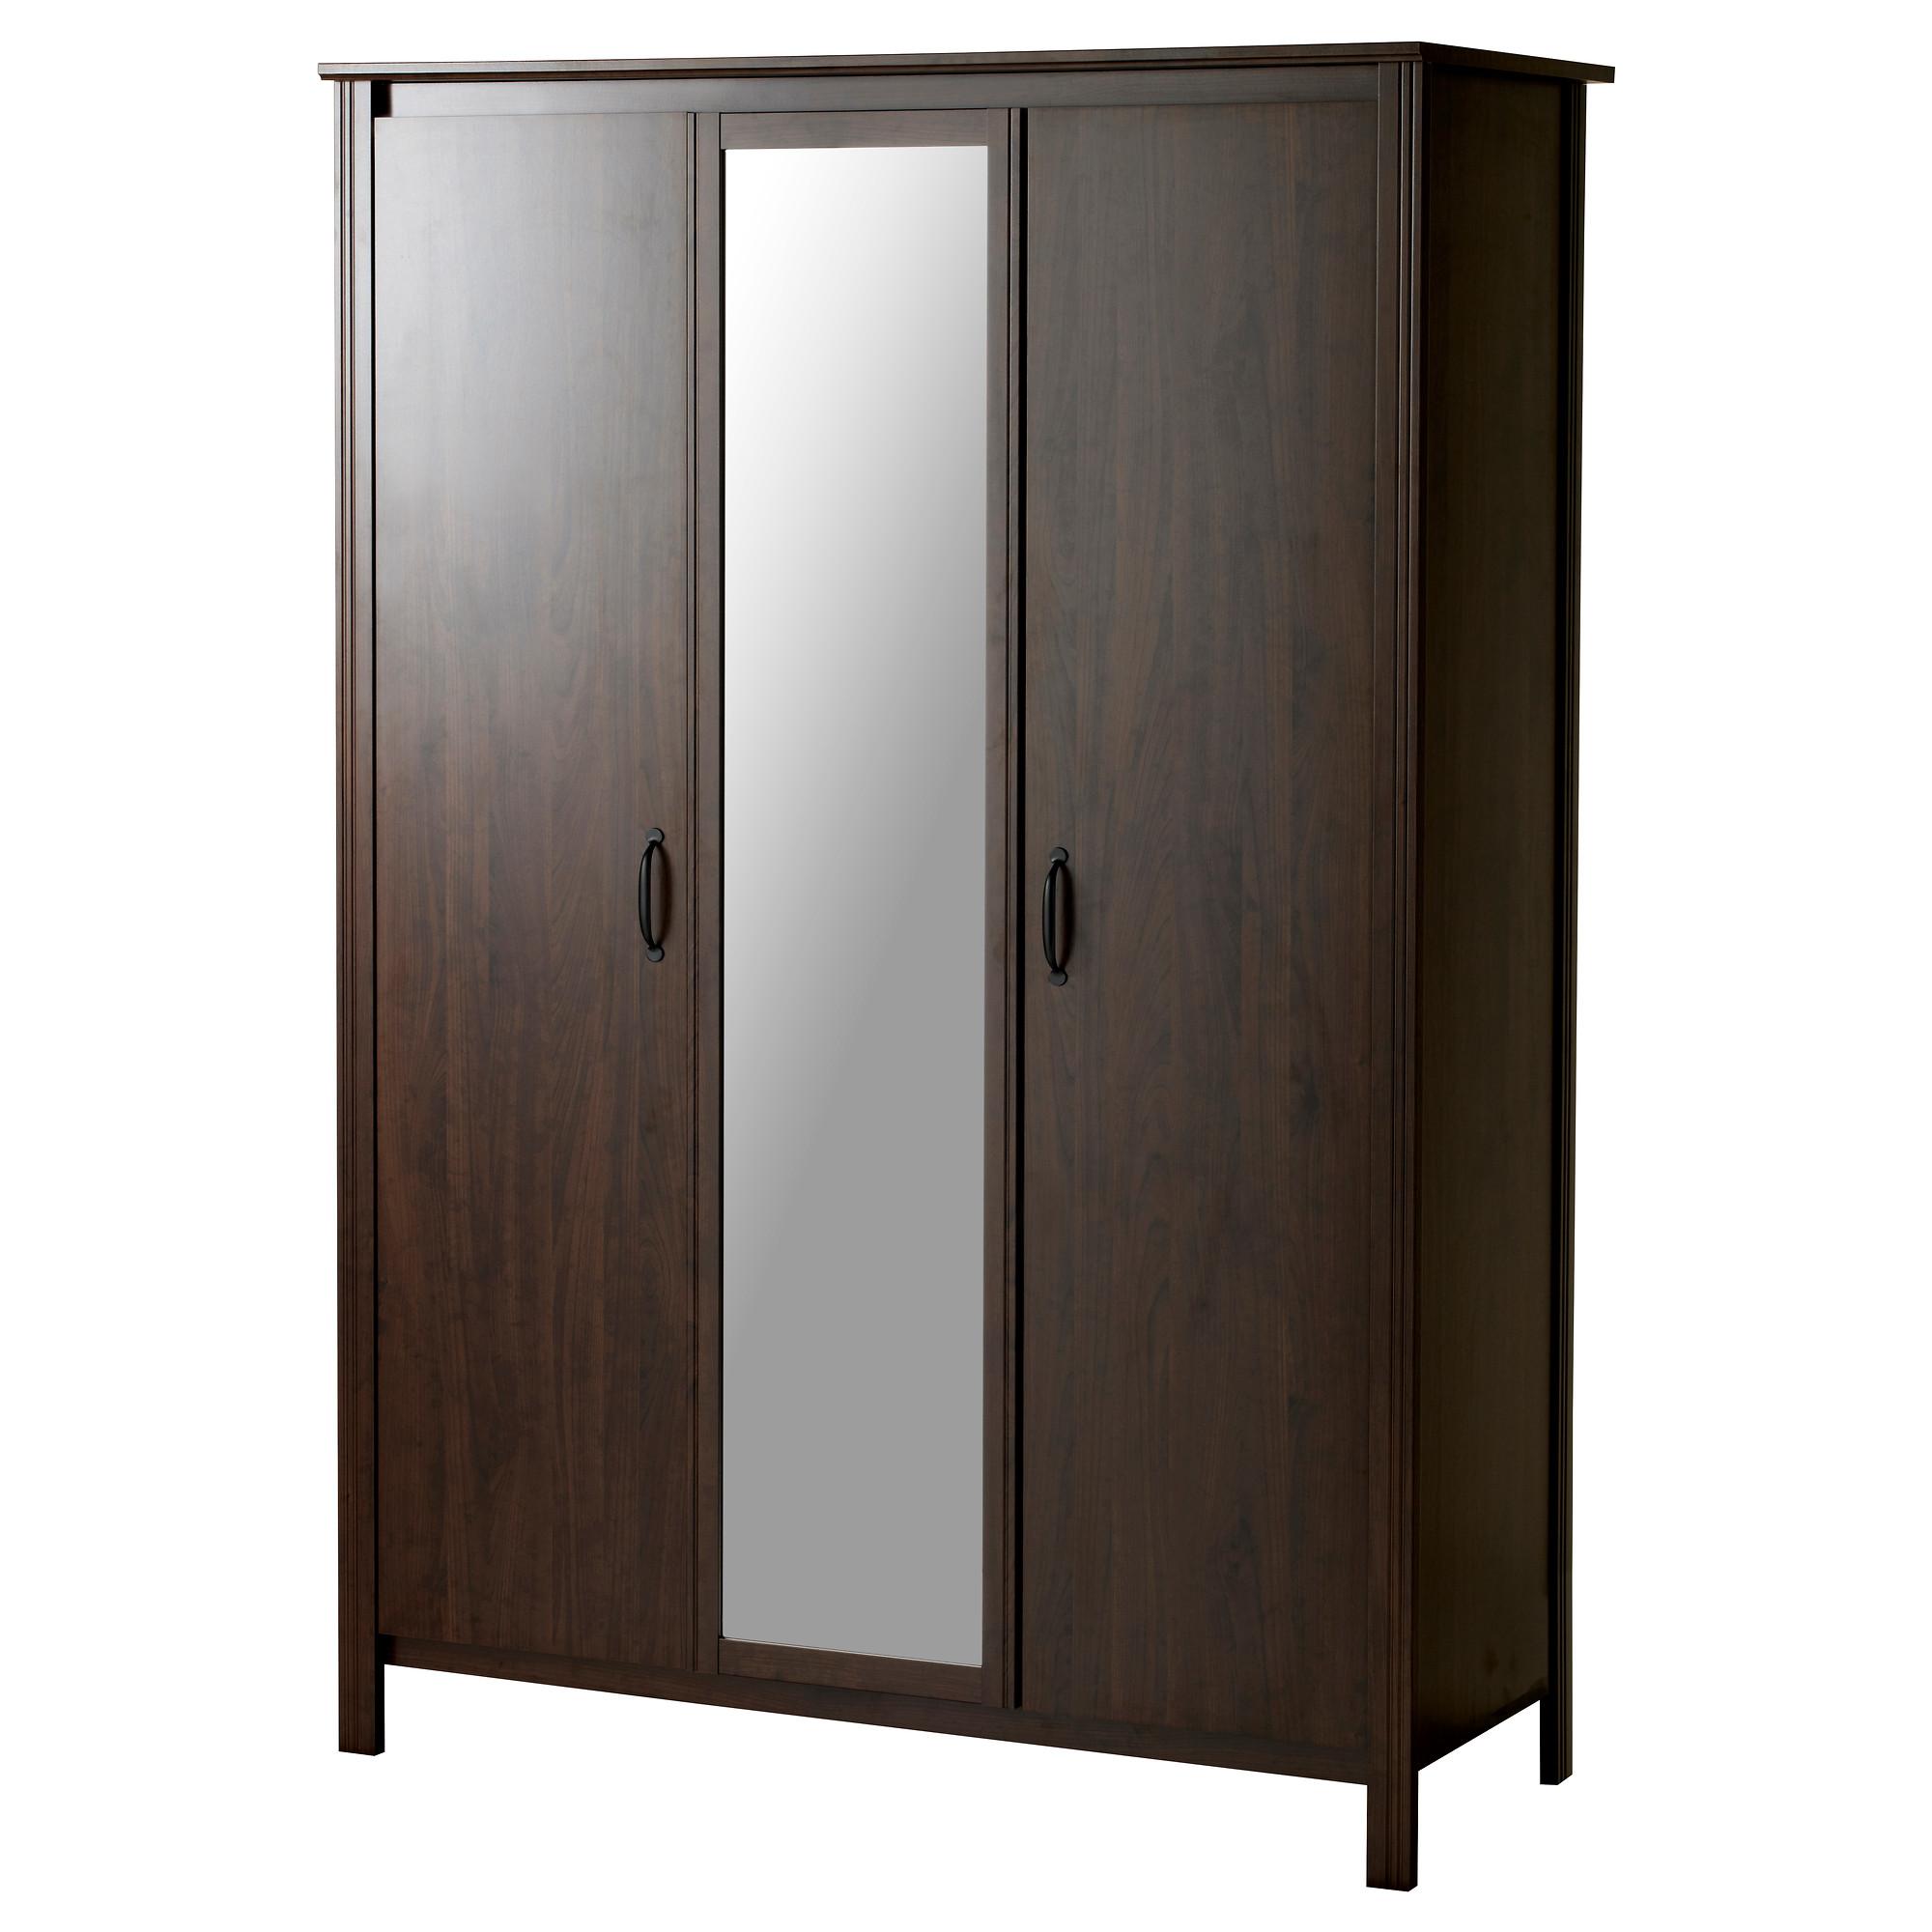 wardrobe armoires brusali wardrobe with 3 doors, brown width: 51 5/8  SJUNUGG